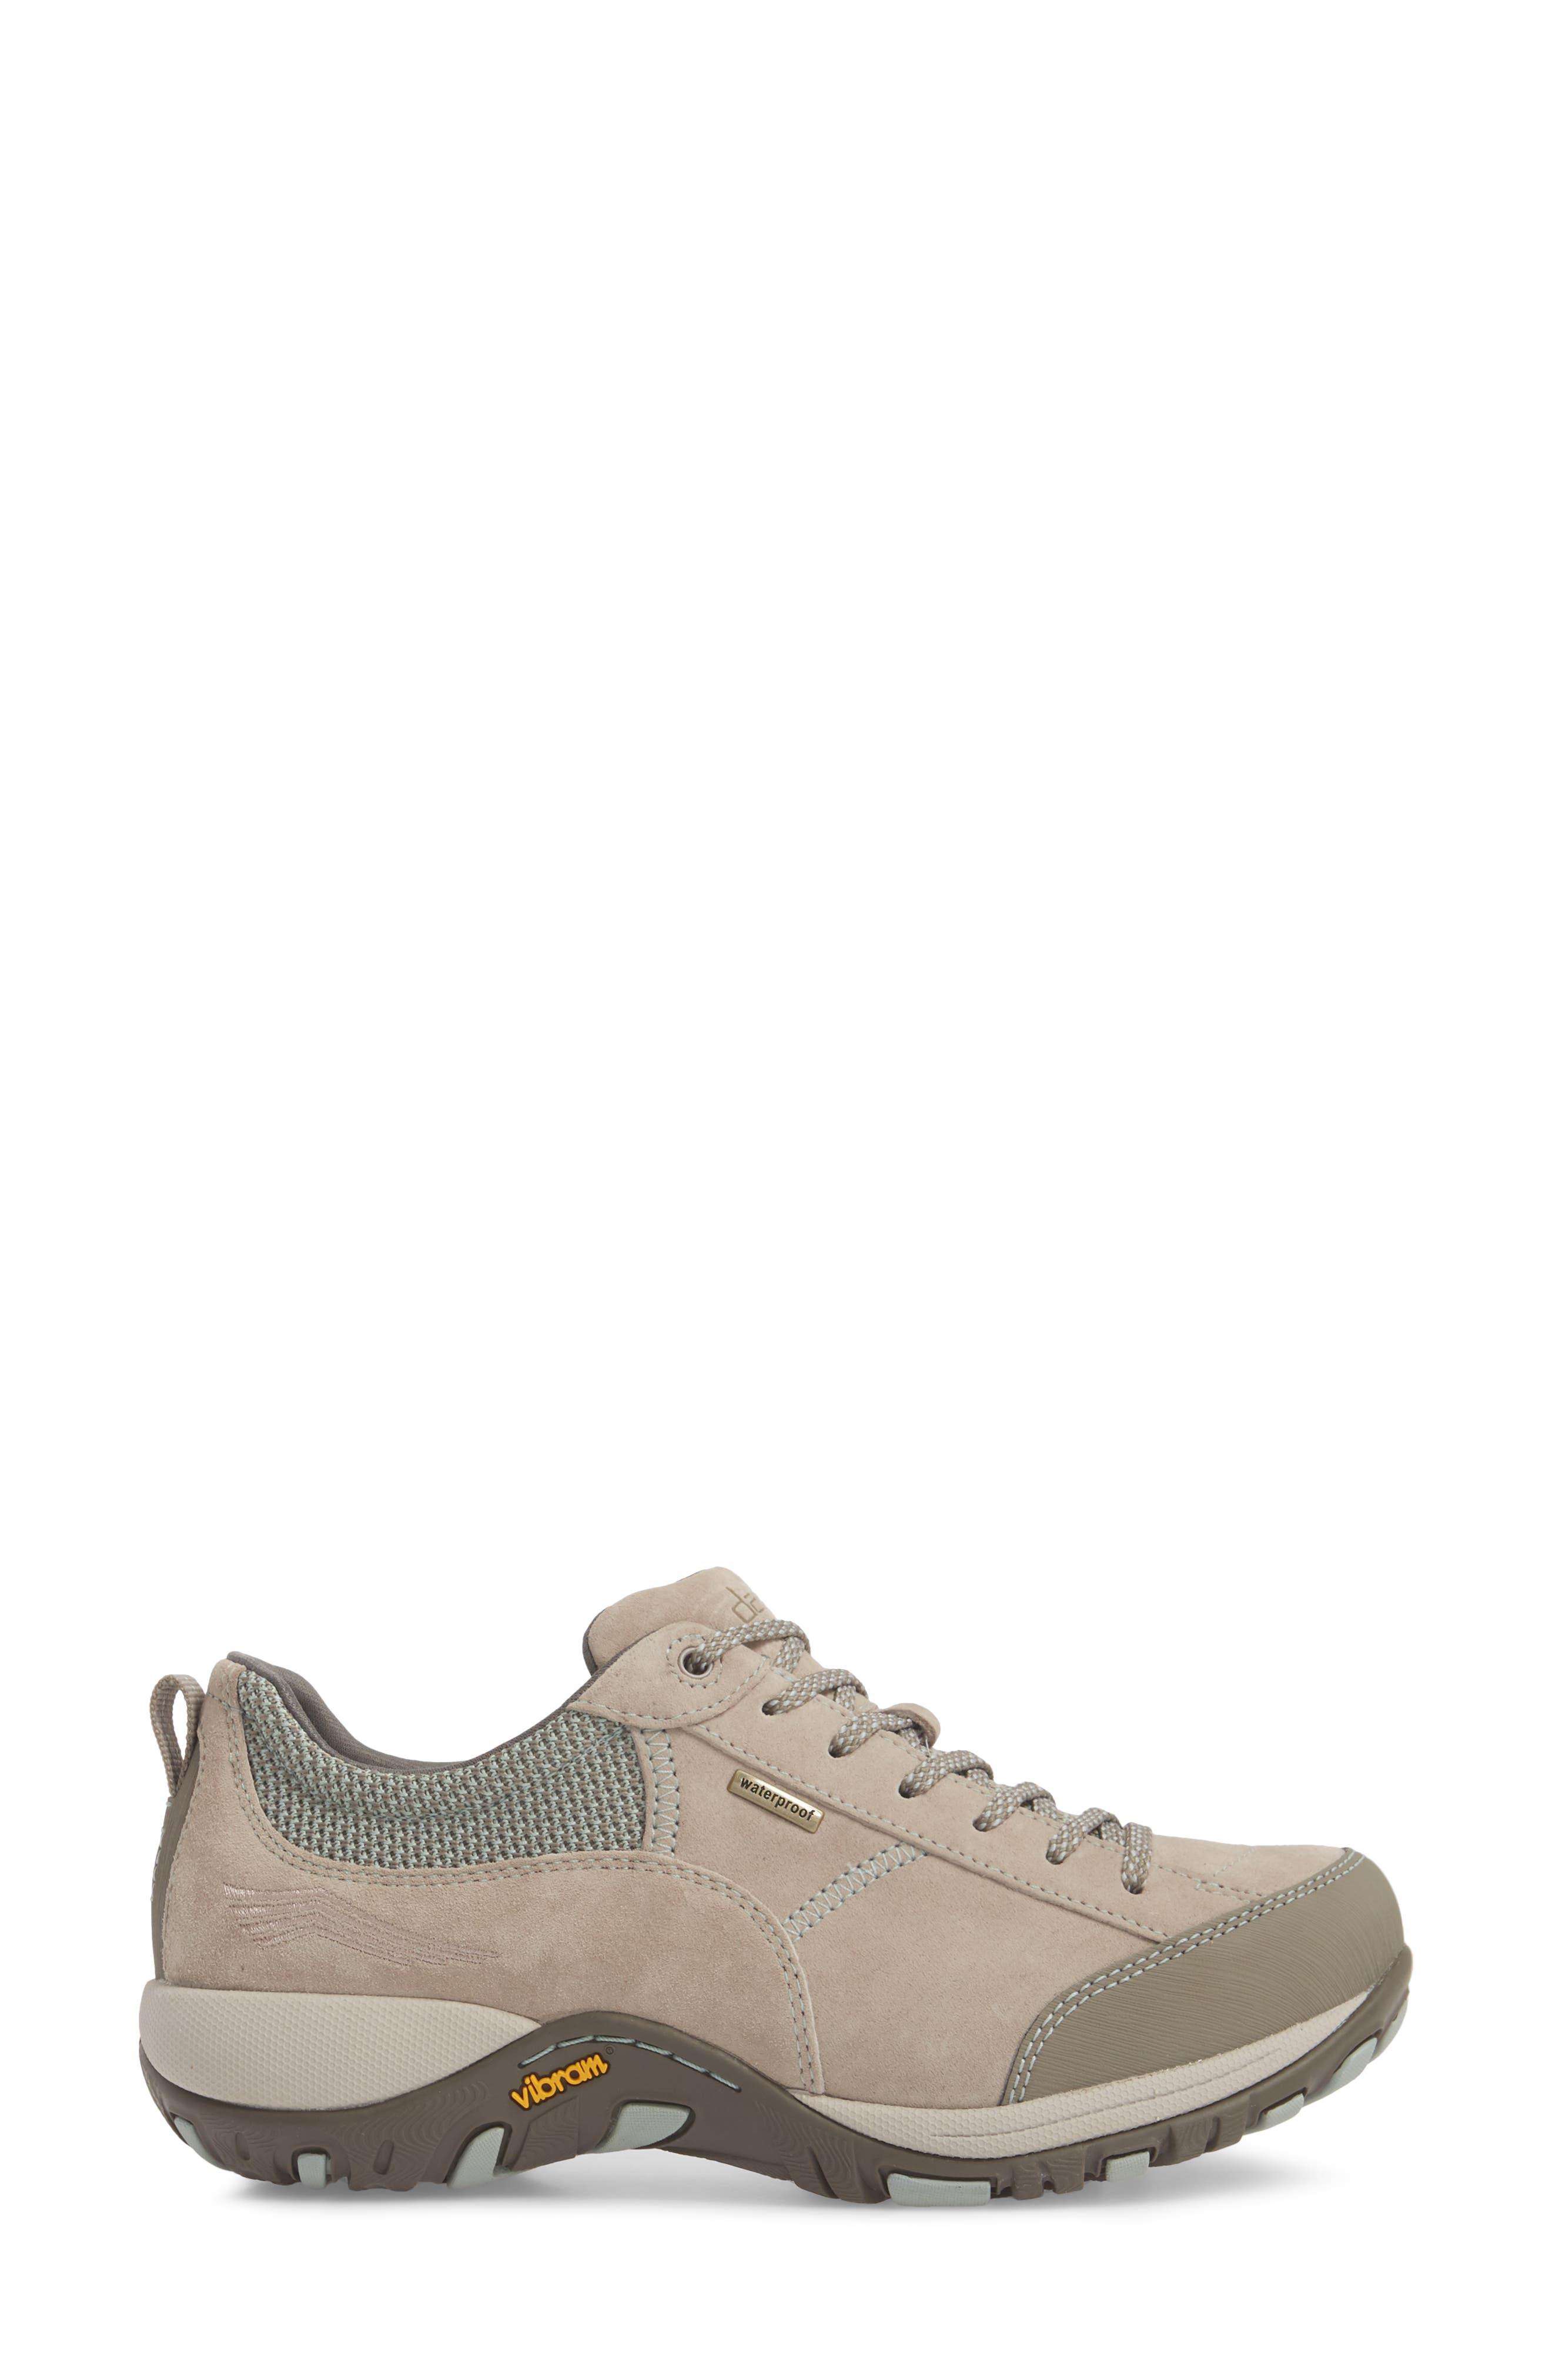 Paisley Waterproof Sneaker,                             Alternate thumbnail 3, color,                             STONE SUEDE